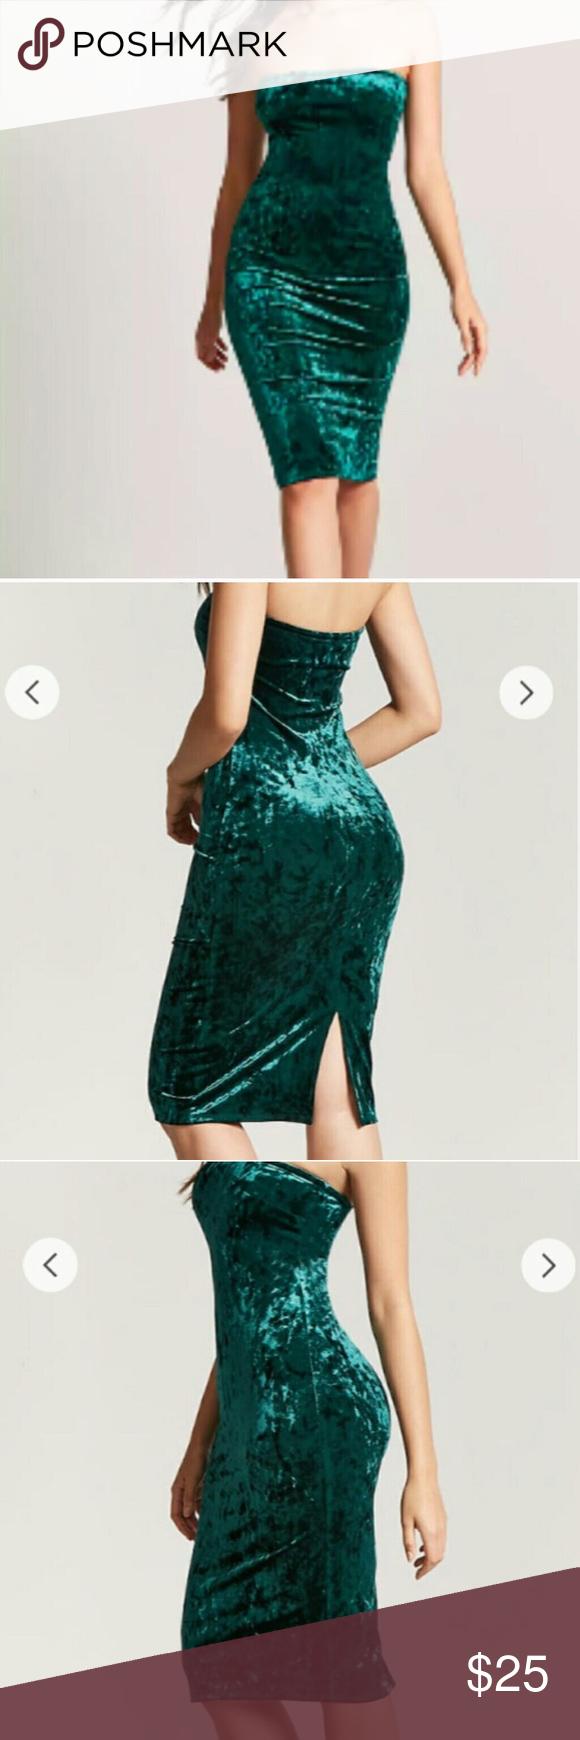 9540350881 forever 21 crushed velvet green strapless dress forever 21 crushed velvet  green strapless dress bodycon Women s small Forever 21 Dresses Midi